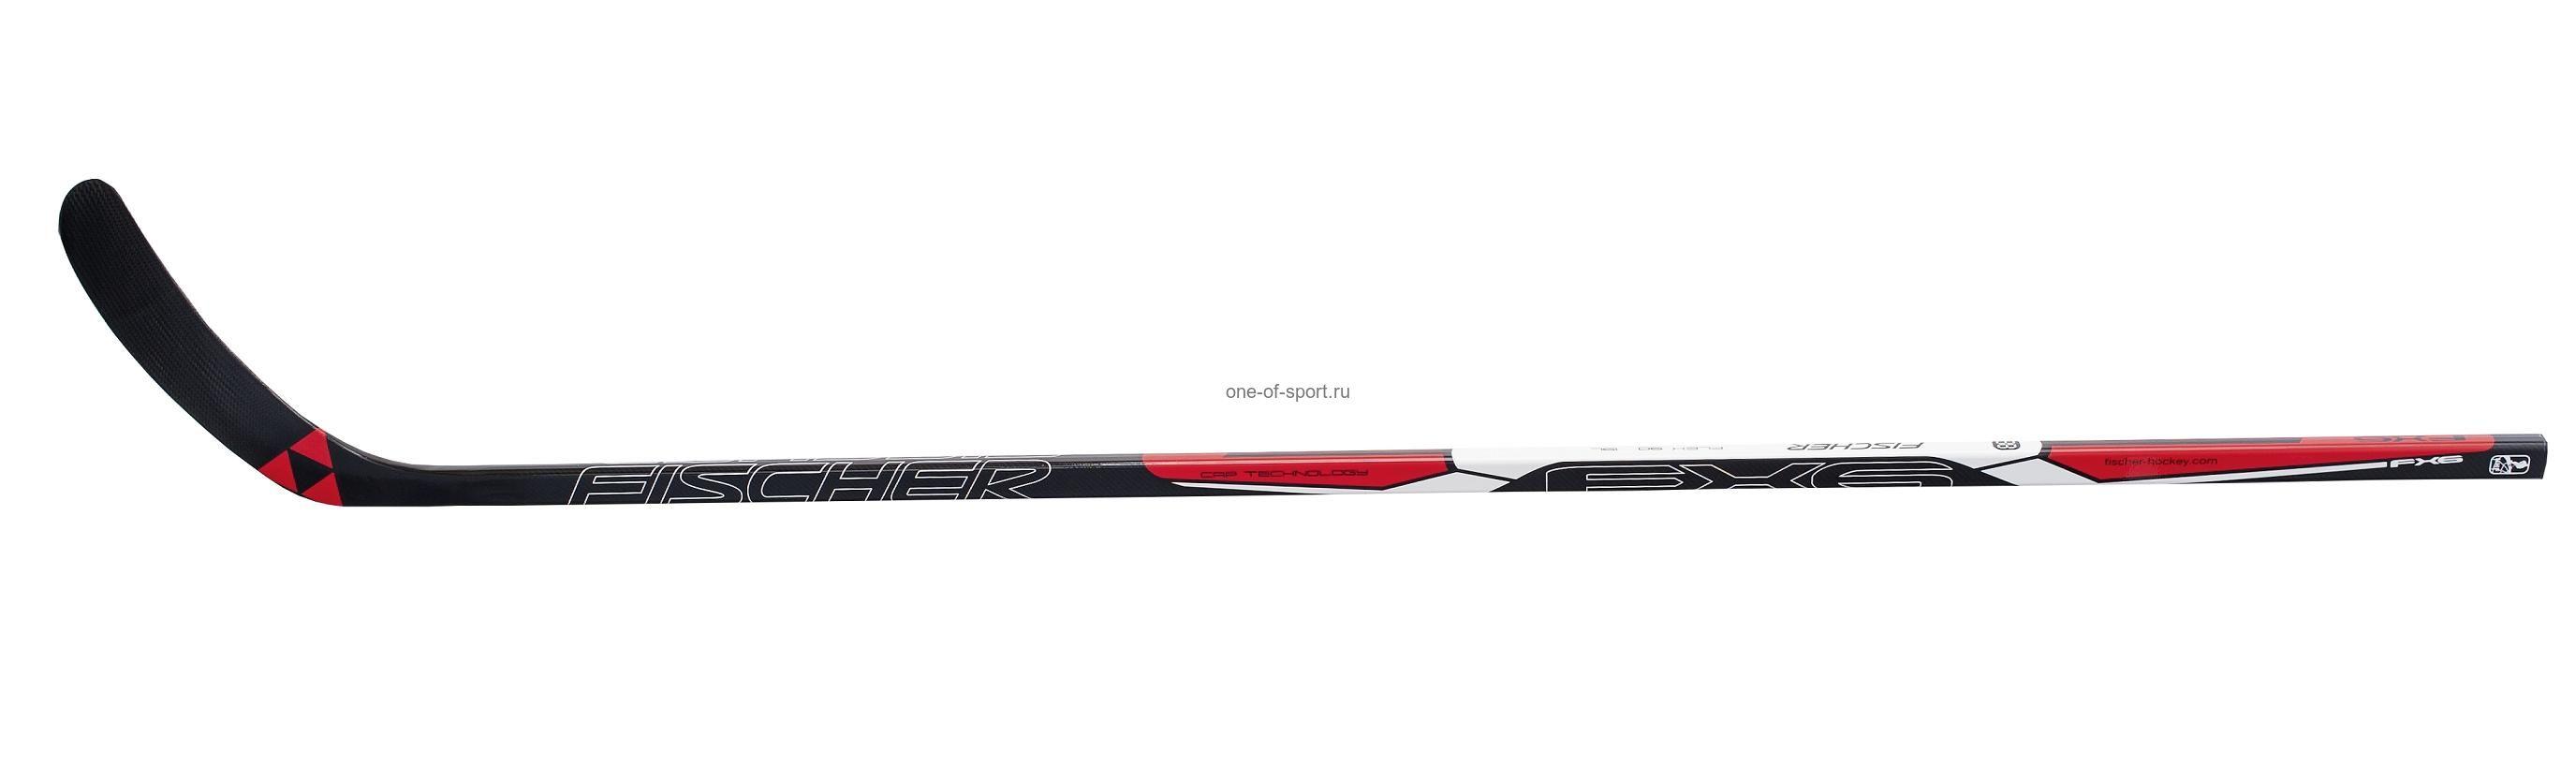 Клюшка хоккейная Fischer FX6  SR арт.H12514